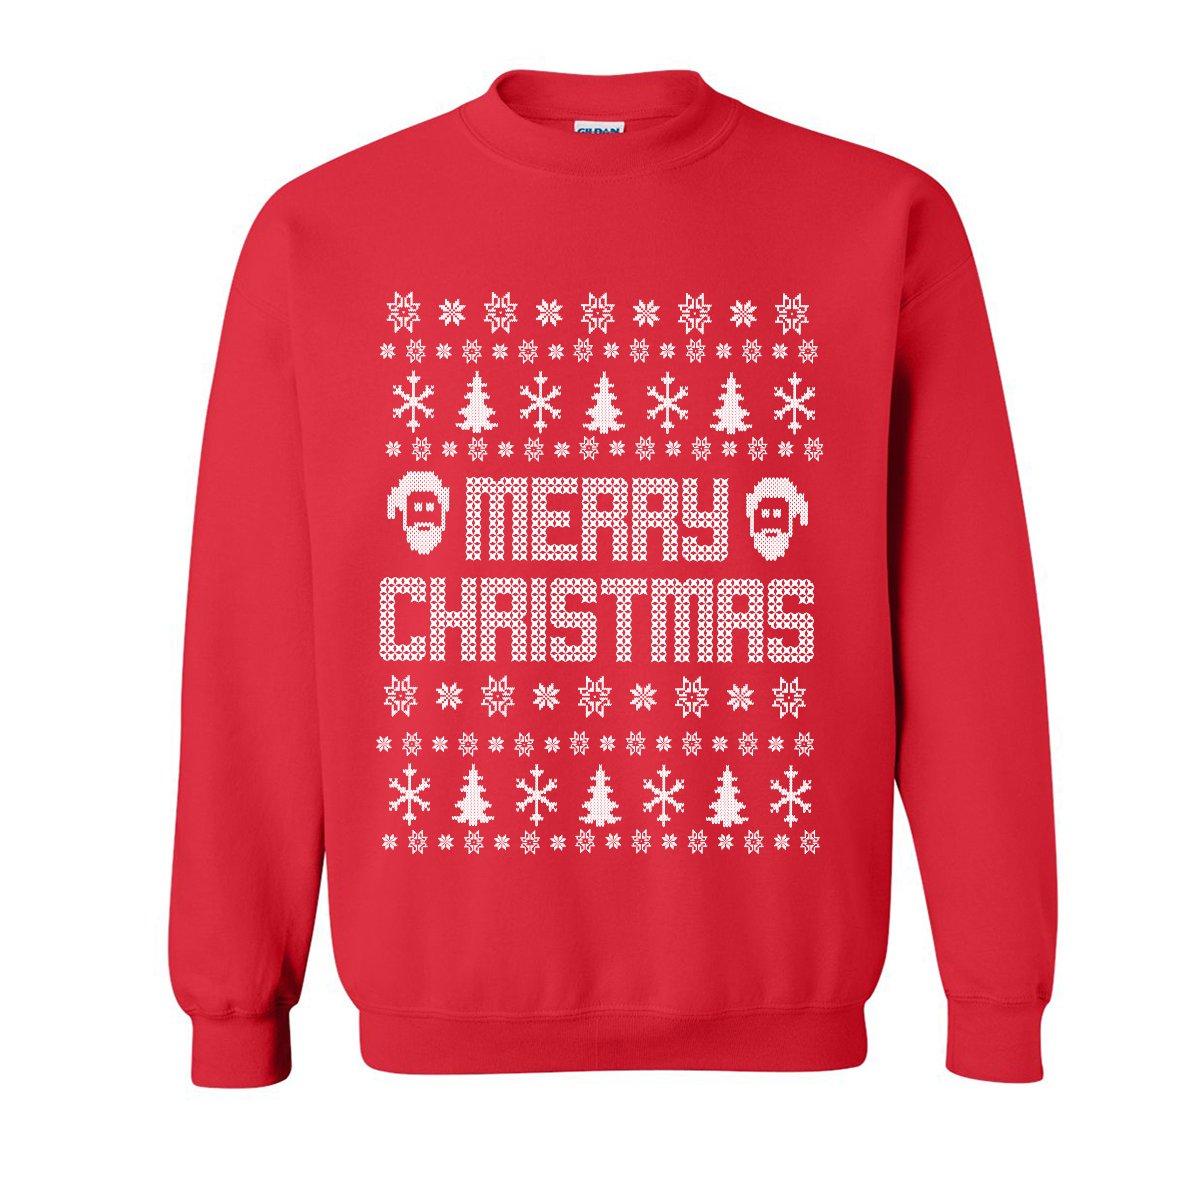 ZeroGravitee Merry Christmas Ugly Holiday Sweatshirt Crewneck Sweatshirt PA-2380-CR